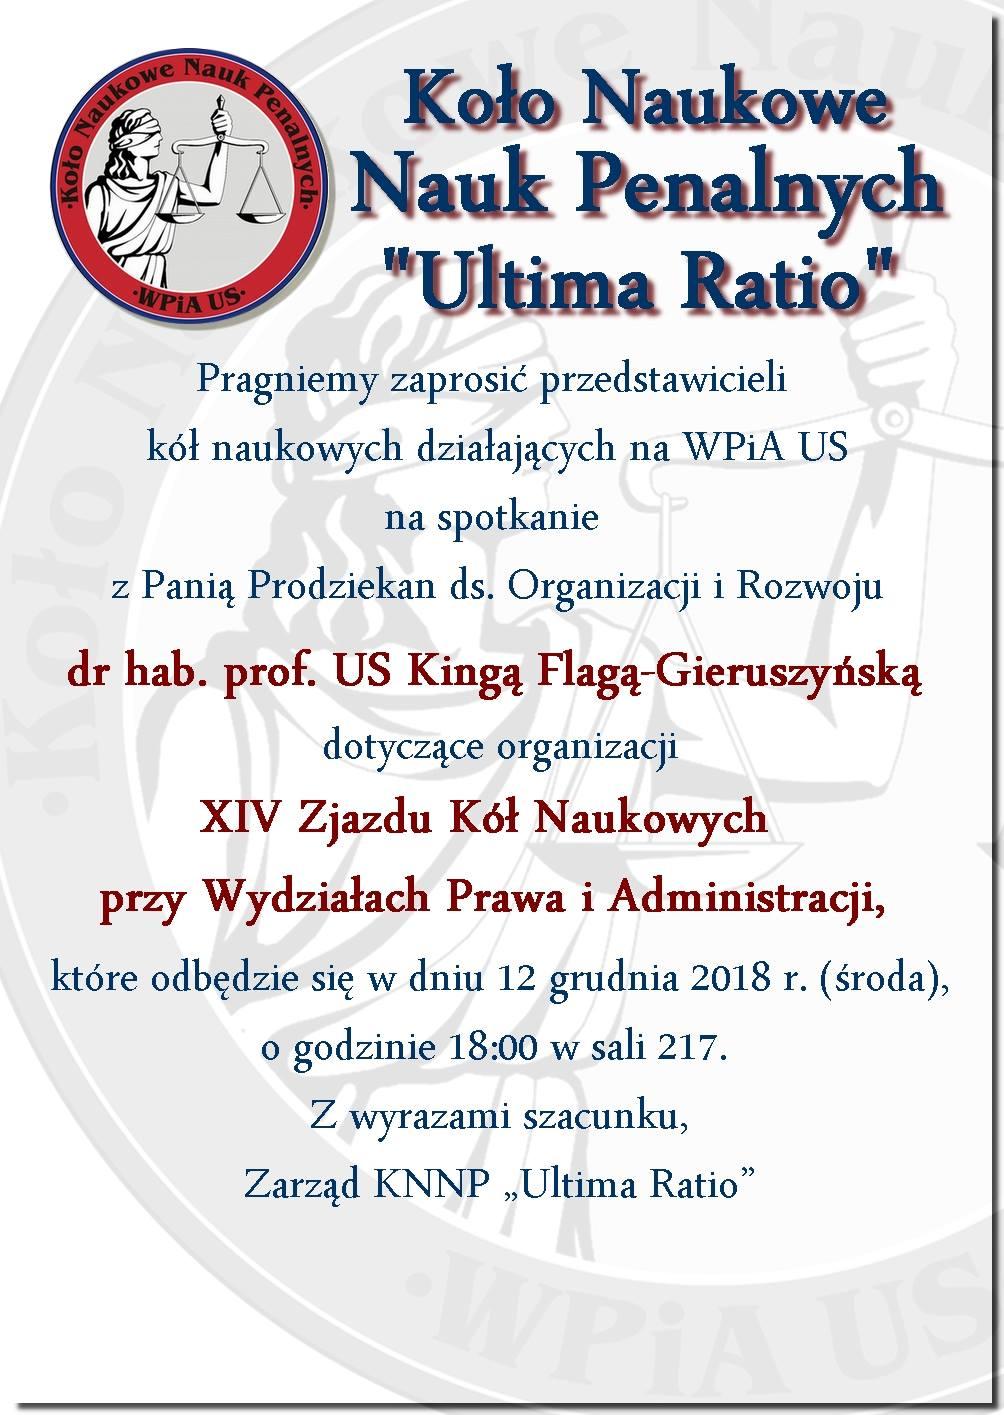 Spotkanie przedstawicieli kół naukowych WPiA US dot. organizacji XIV Zjazdu Kół Naukowych